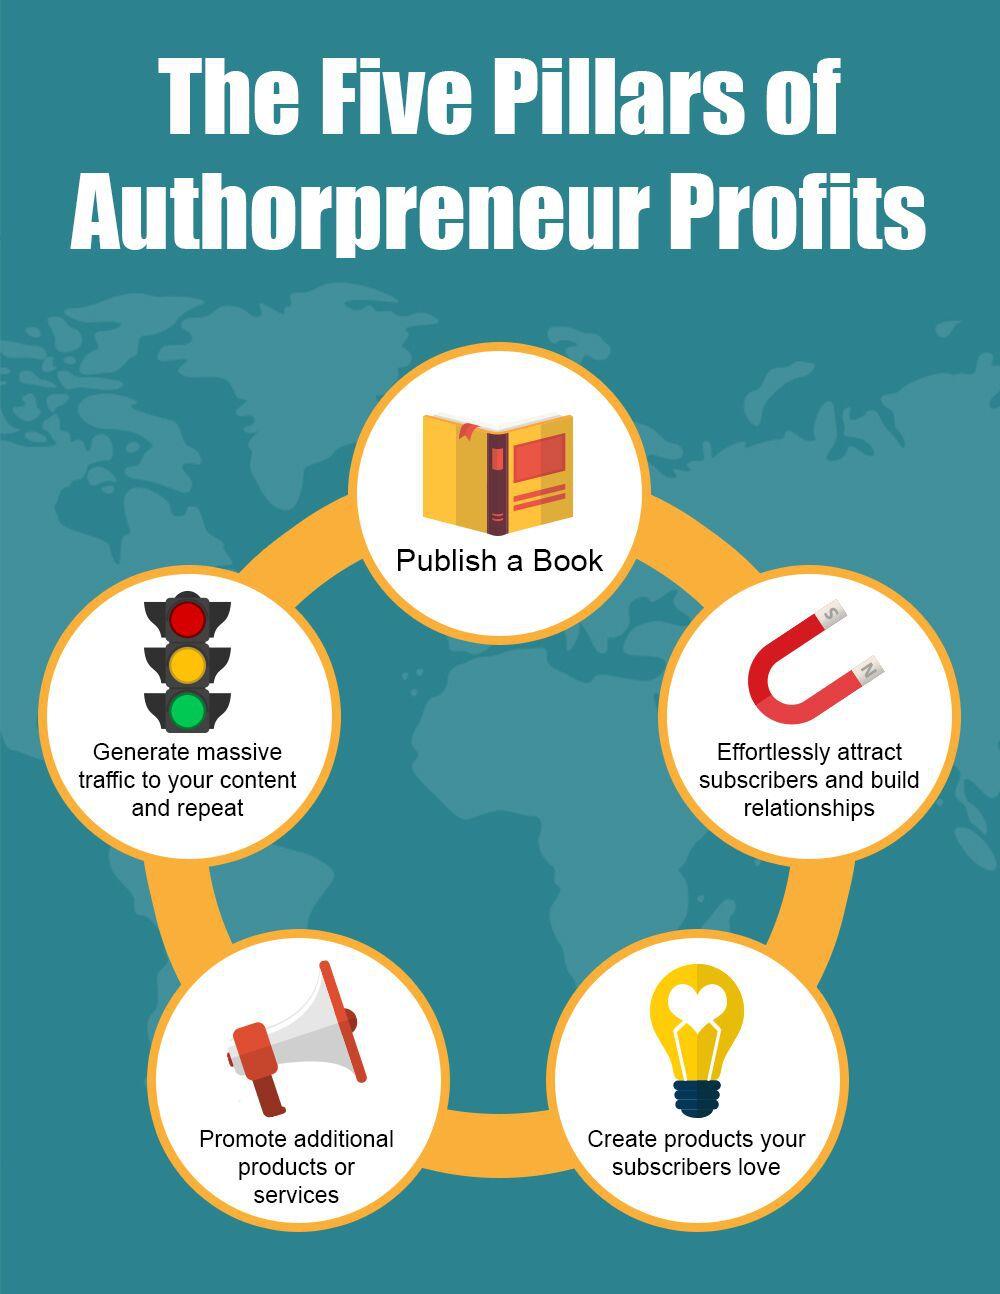 内容创作者、出版商、作者和任何努力在网络上赚钱的人(Authorpreneur Profits)